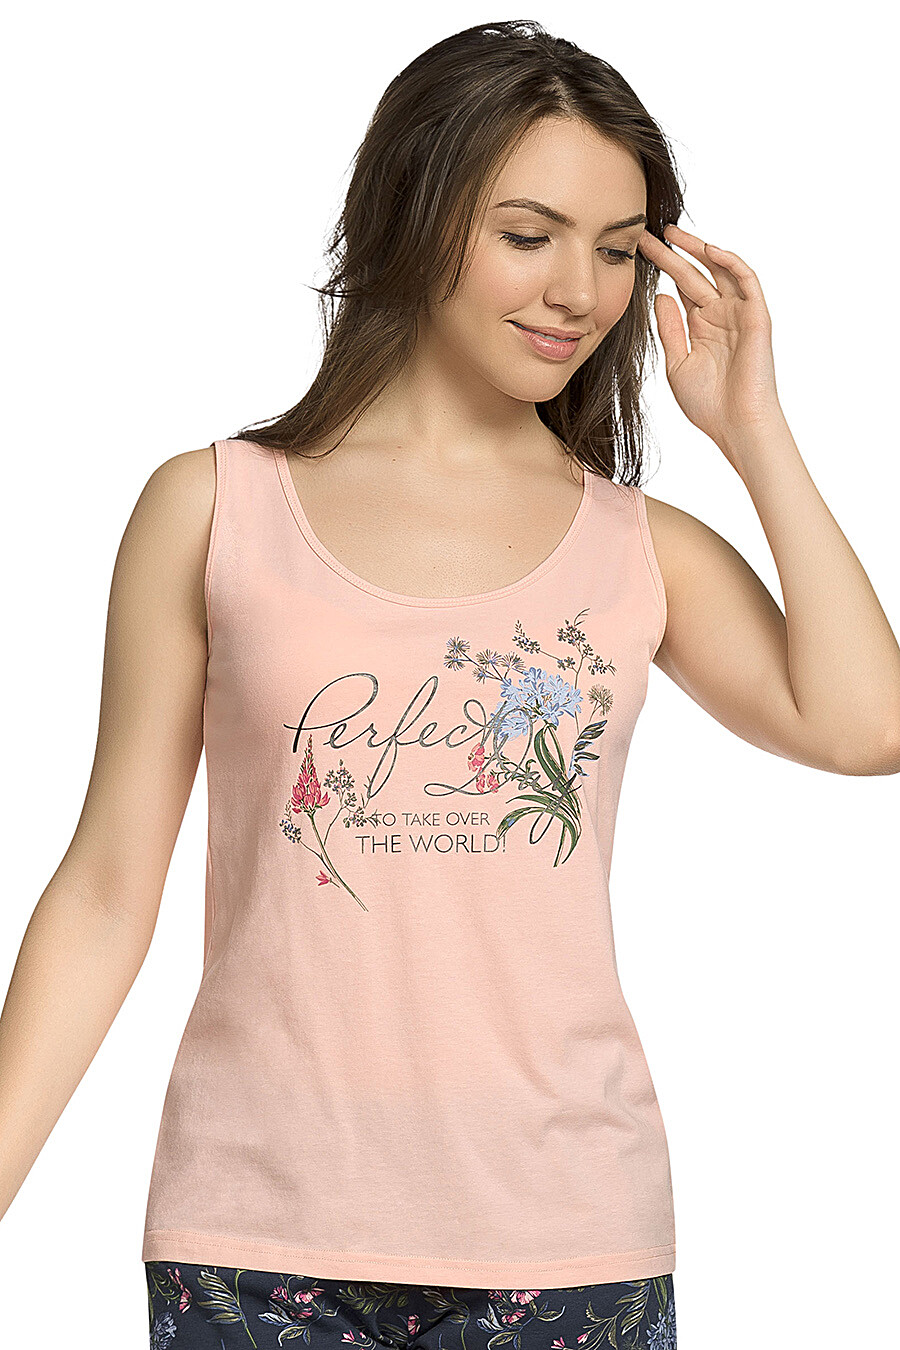 Комплект (Шорты+Майка) для женщин PELICAN 146692 купить оптом от производителя. Совместная покупка женской одежды в OptMoyo